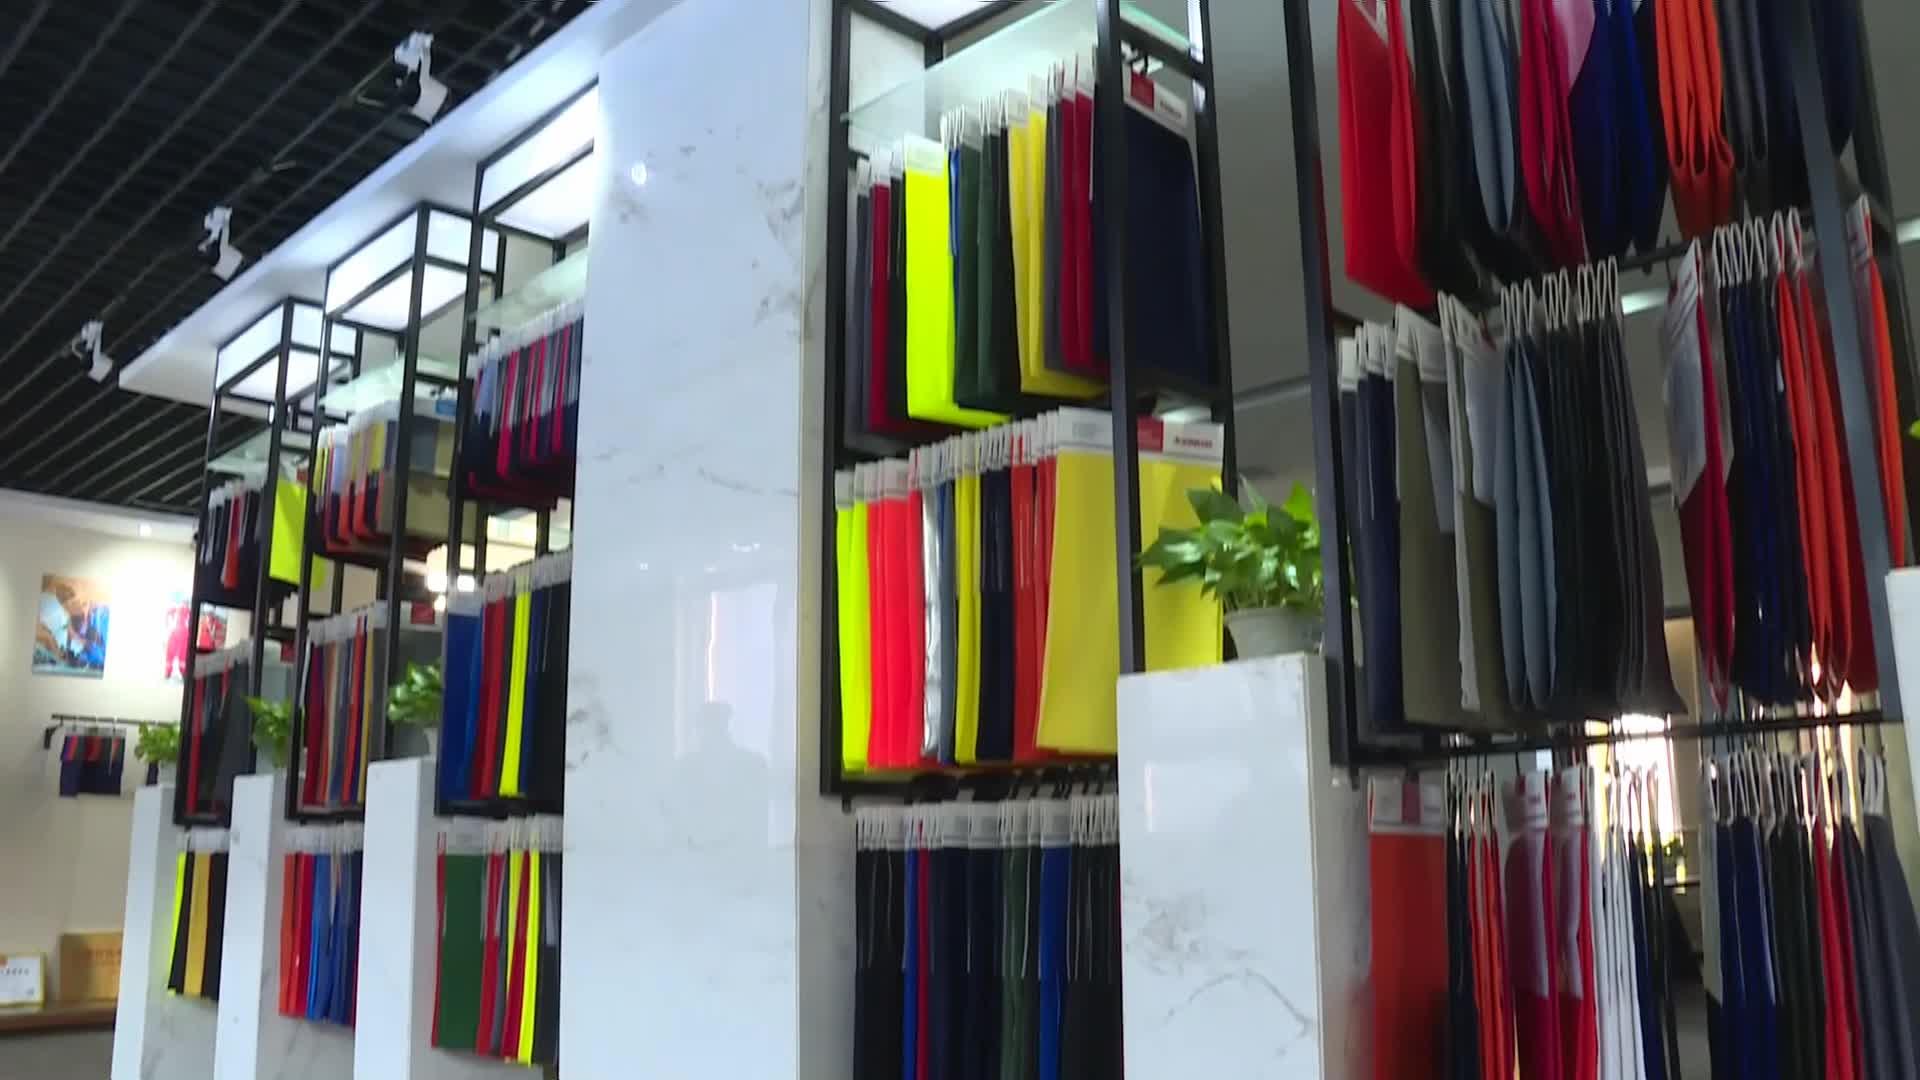 Xinke heißer Verkauf 100% Baumwolle Anti-Mückengewebe für den Bergbau von Bekleidung